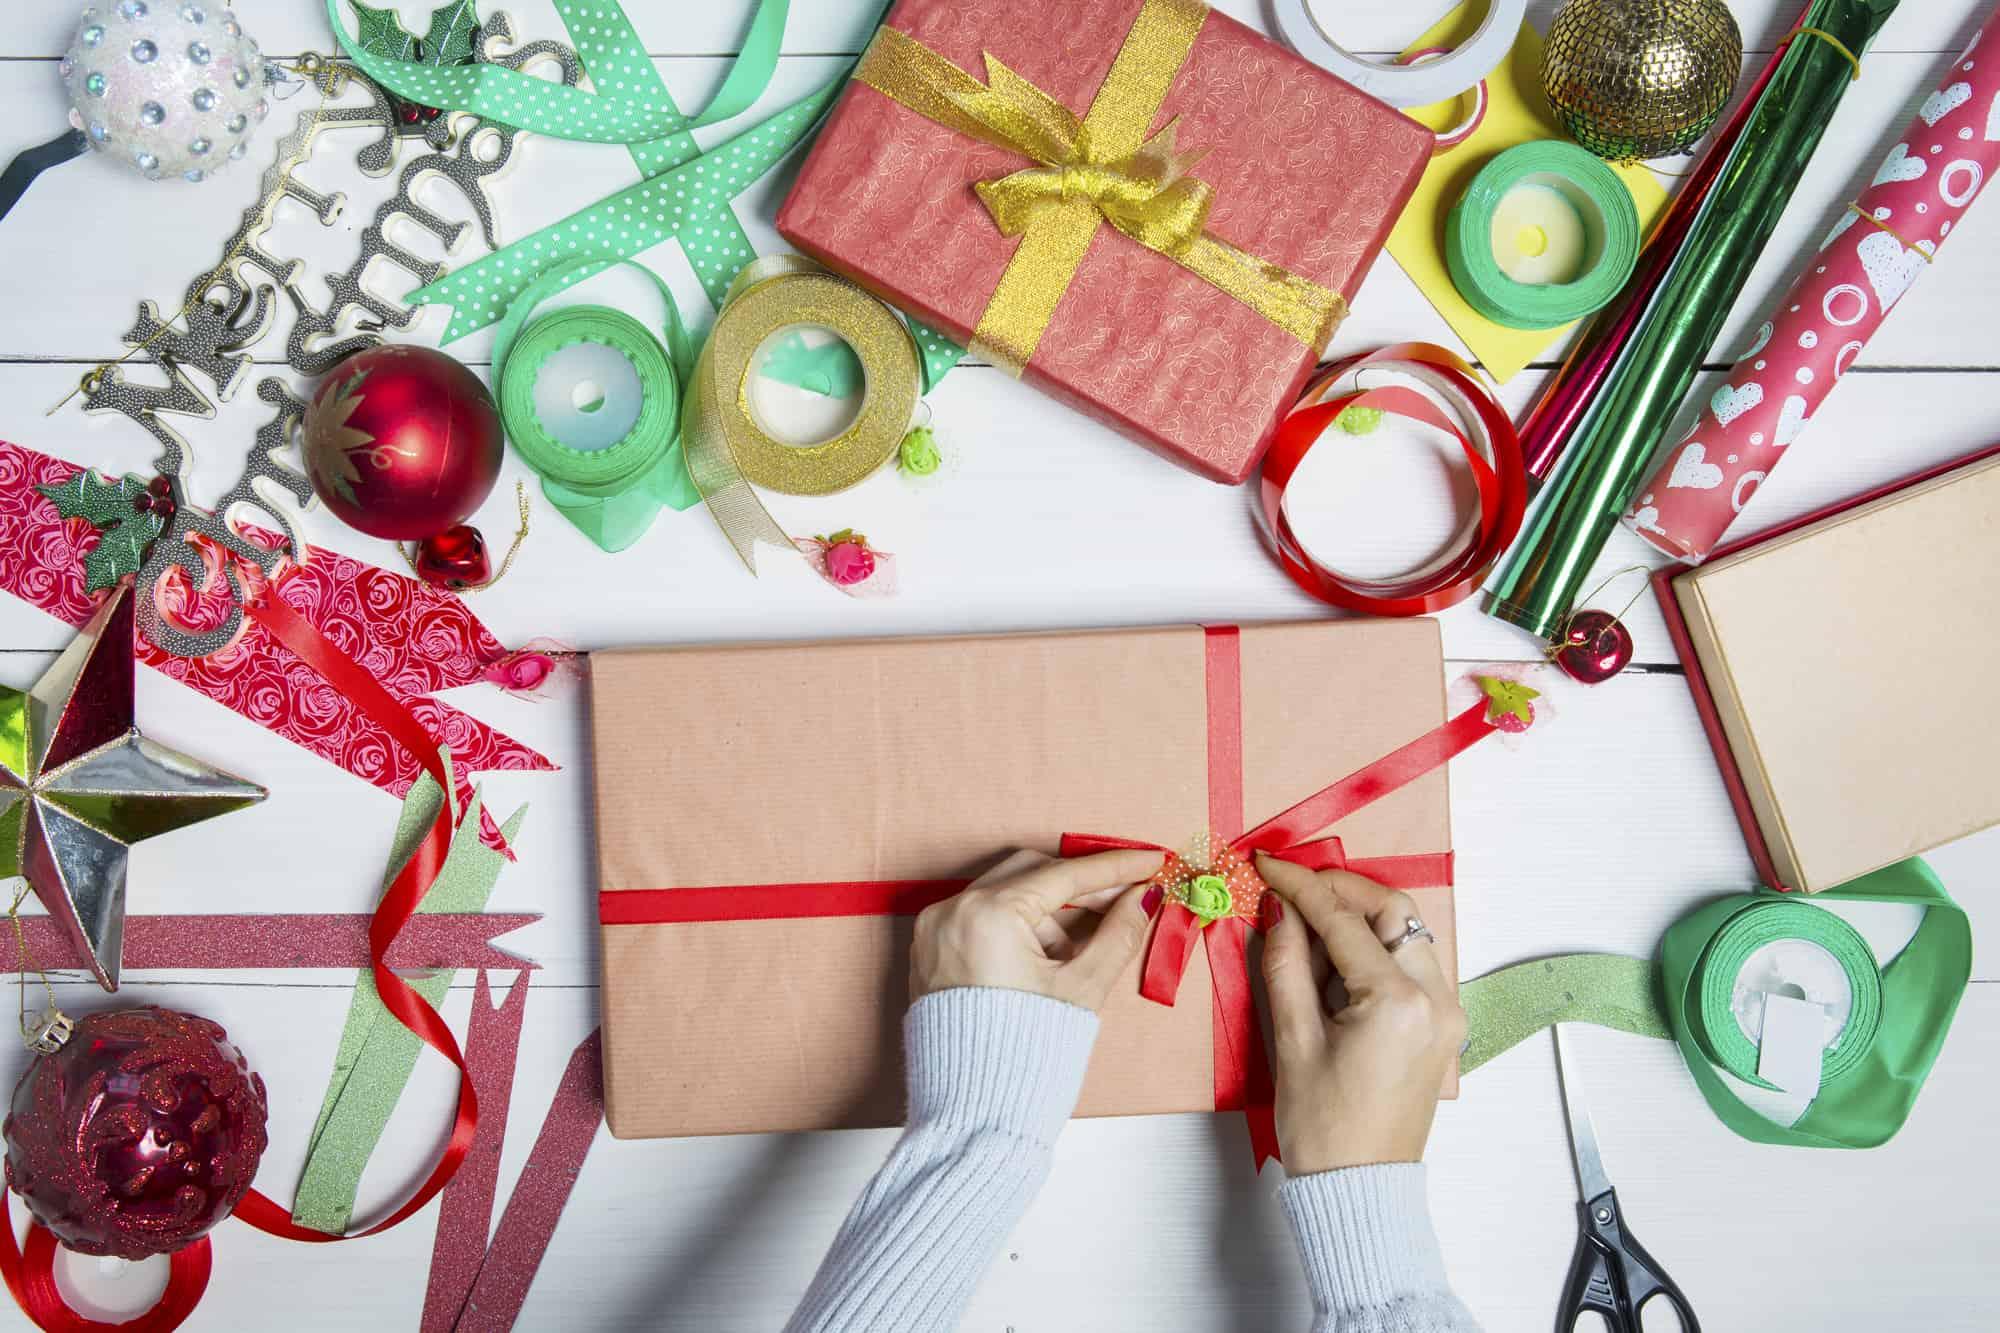 Så mange penge bruger danskerne på julegaver hvert år